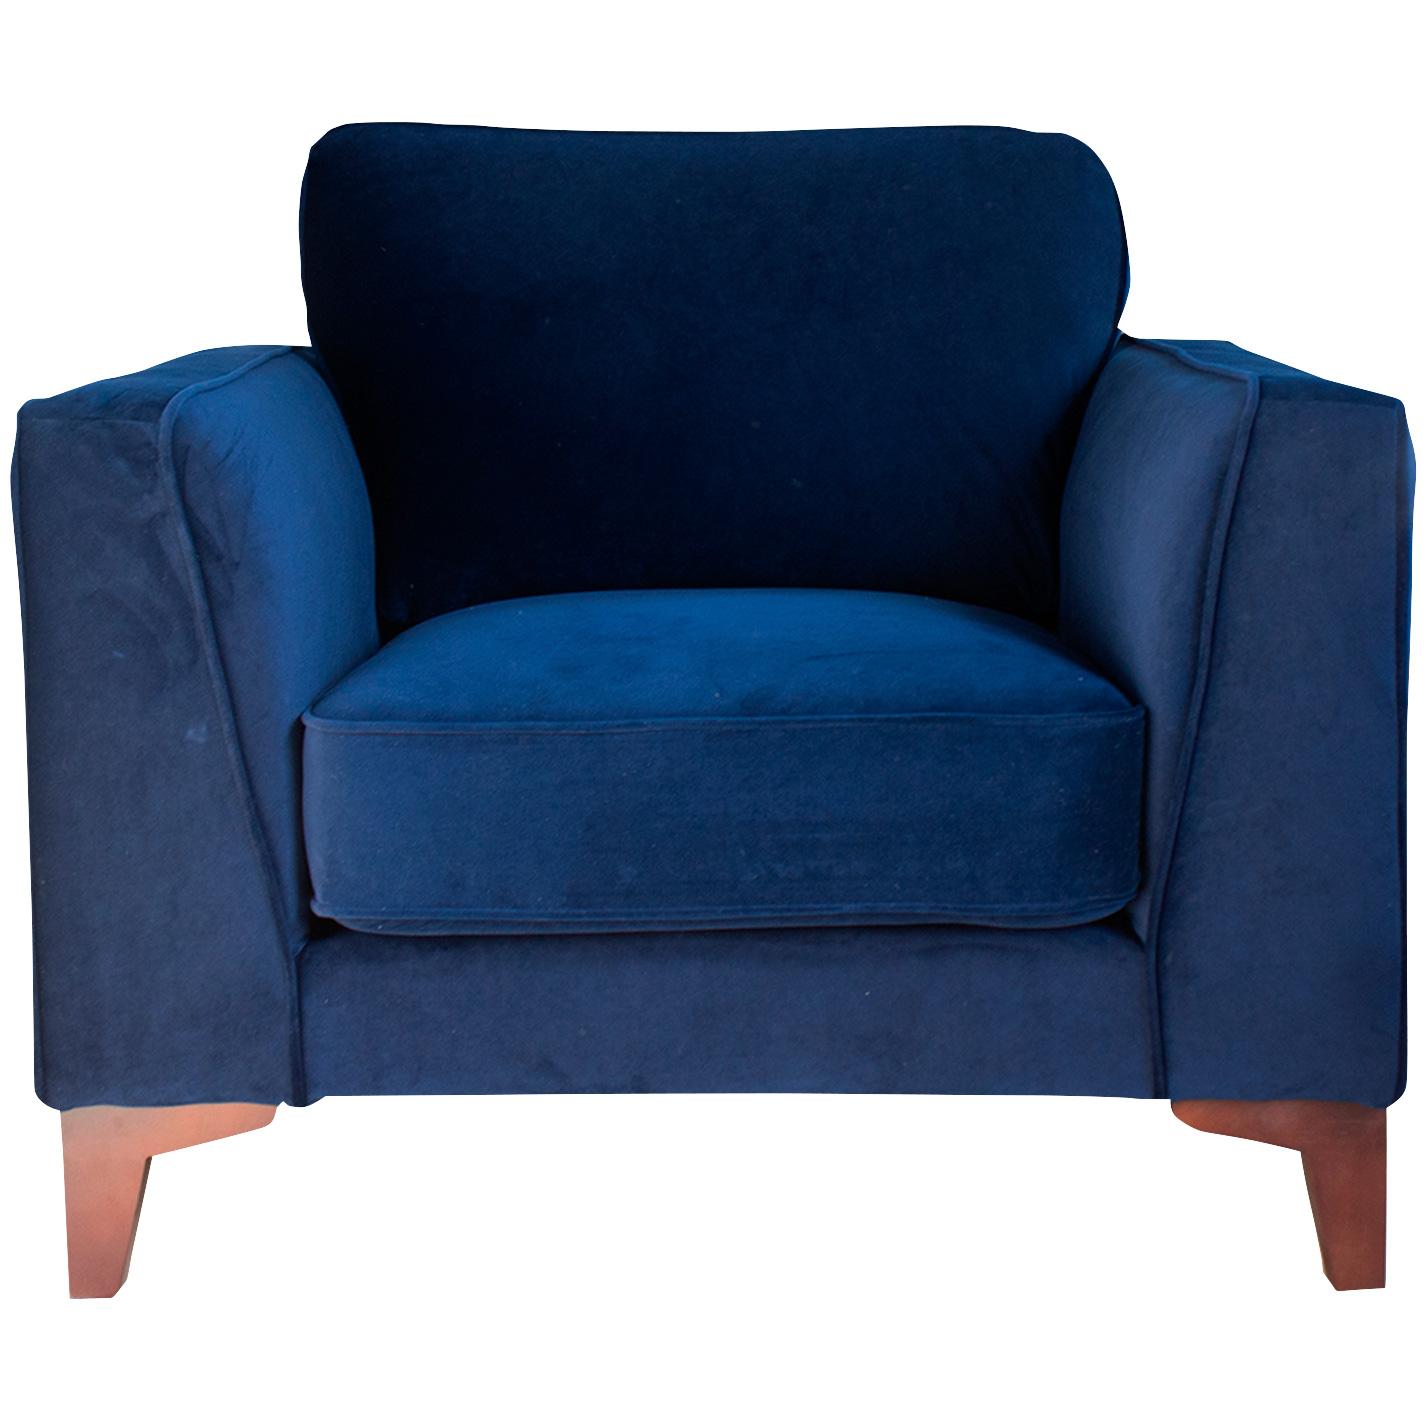 Urban Chic Upholstery | Bradley MIdnight Chair